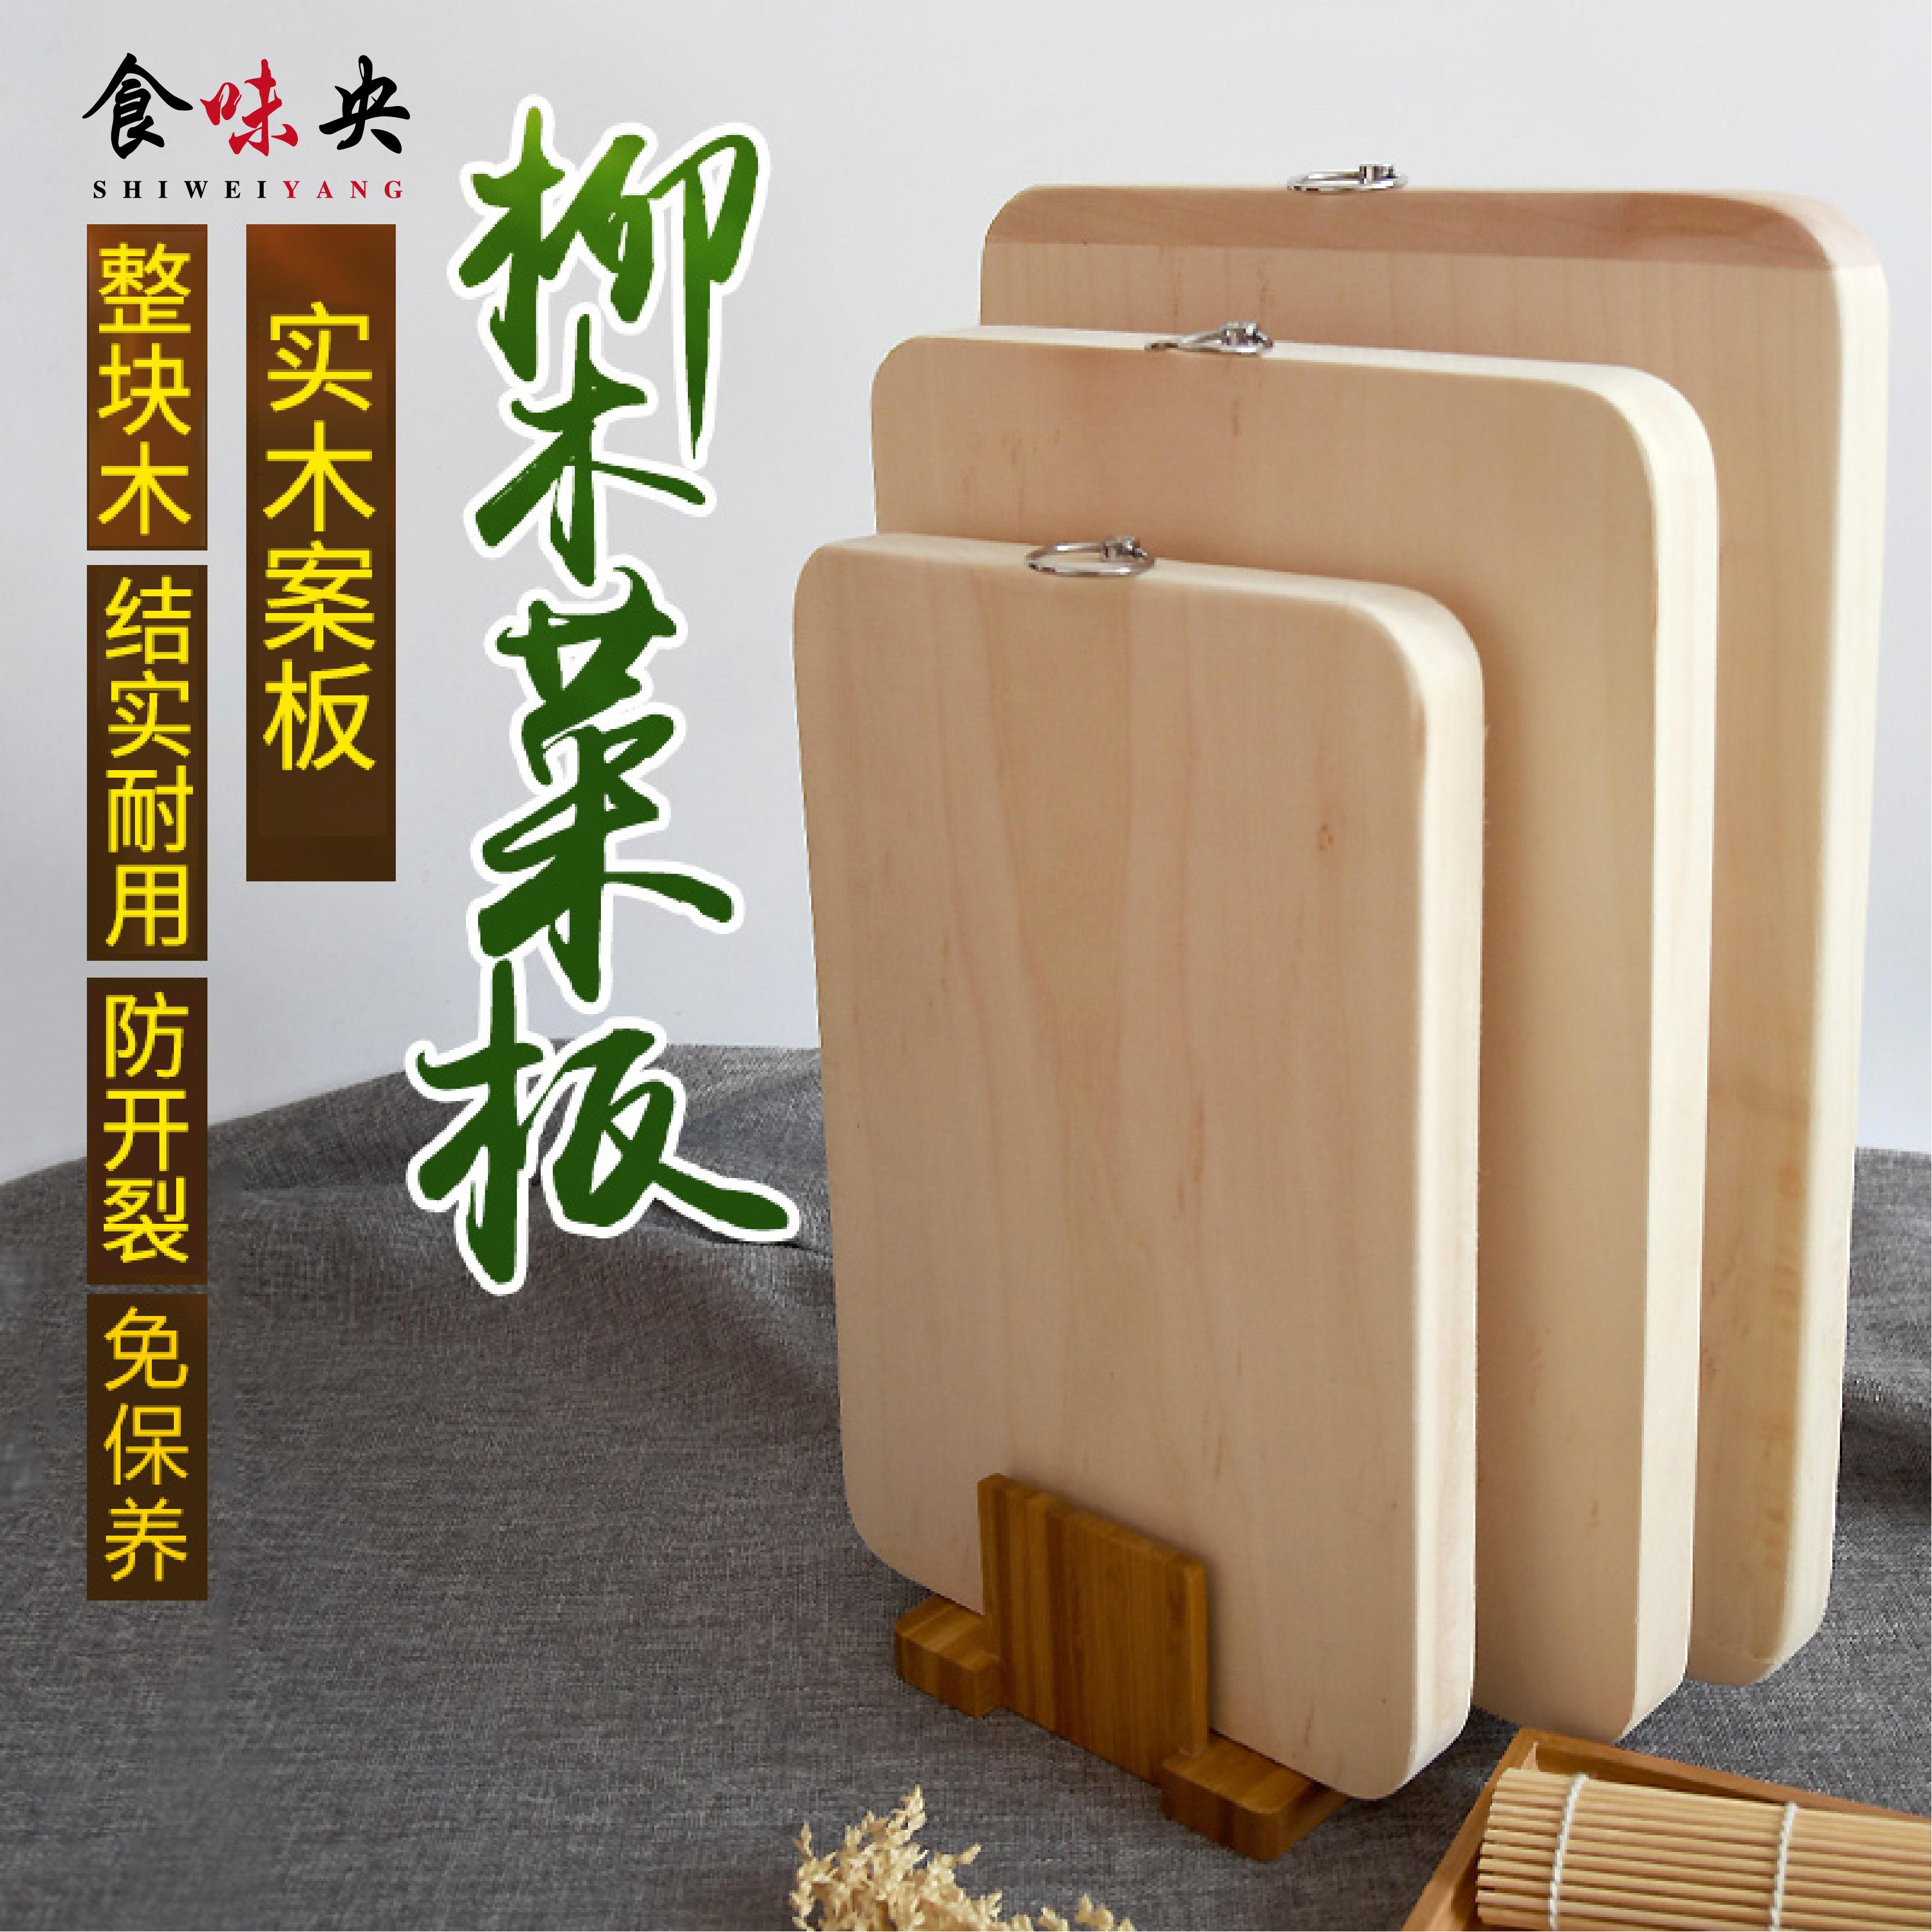 柳木菜板实木整木面板砧板长方形砧板大号厨房刀板案板家用切菜板